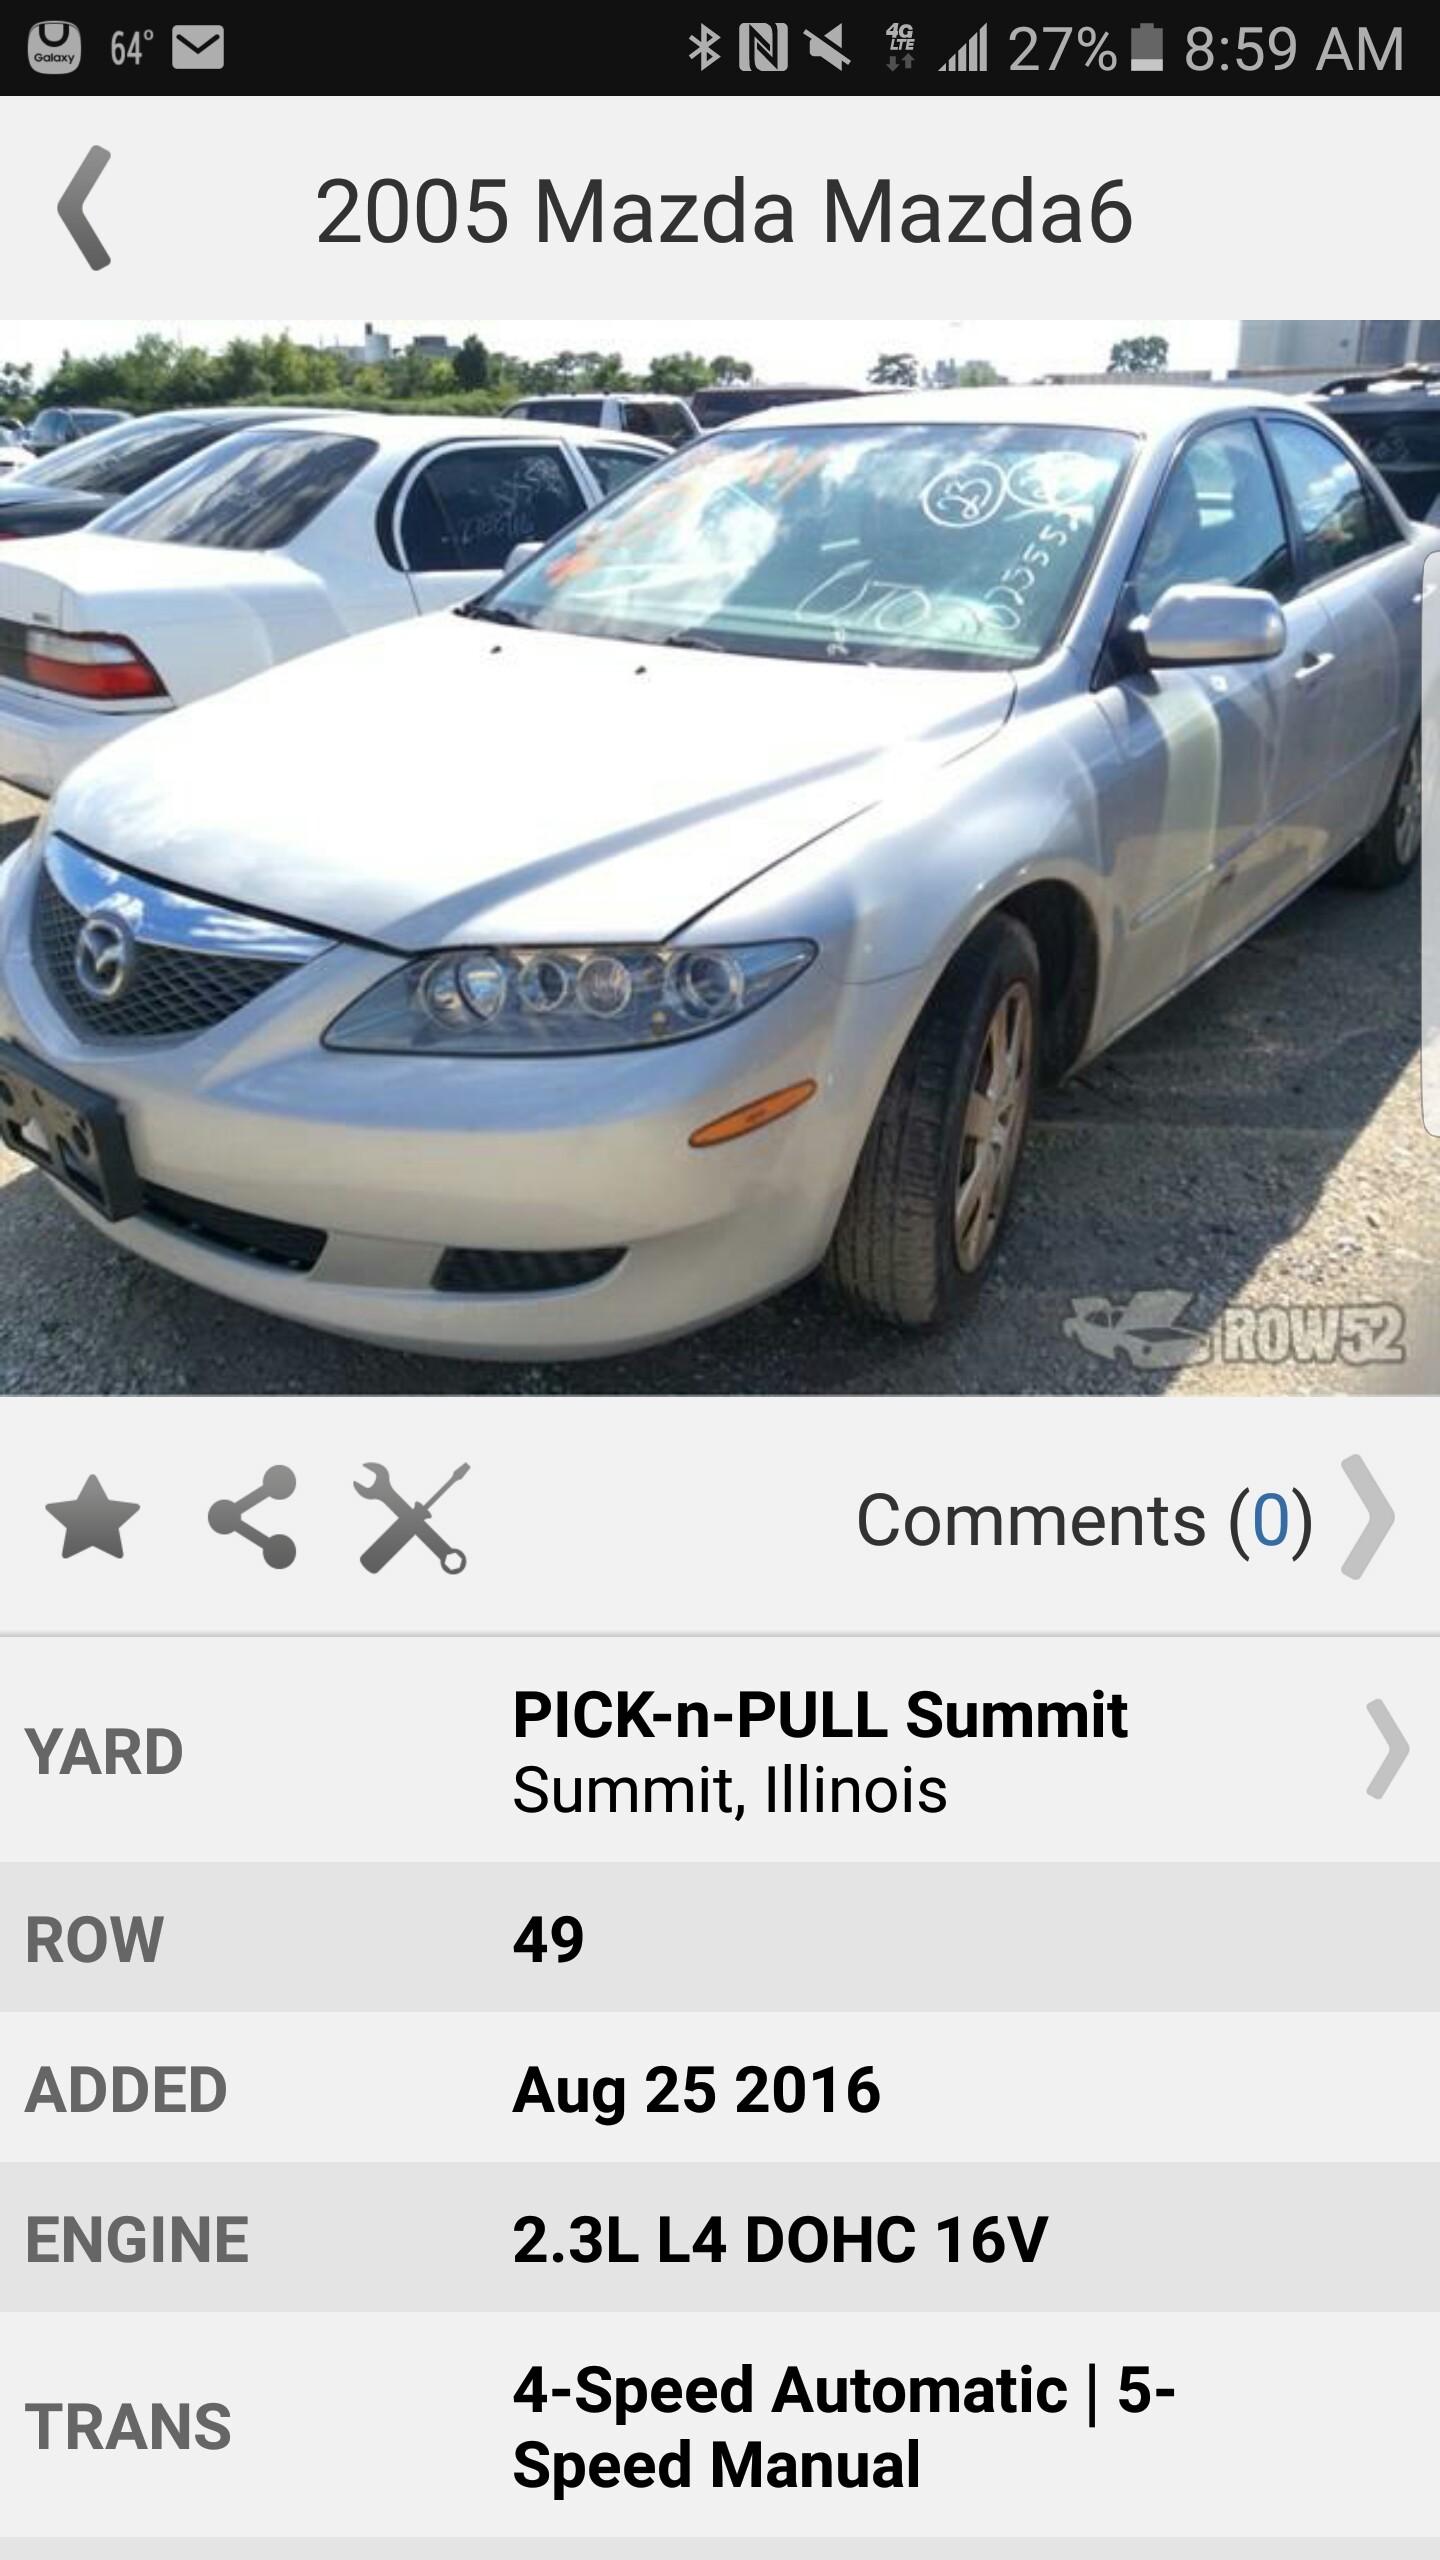 Pick-n-Pull 7800 W 61st Pl, Summit Argo, IL 60501 - YP.com